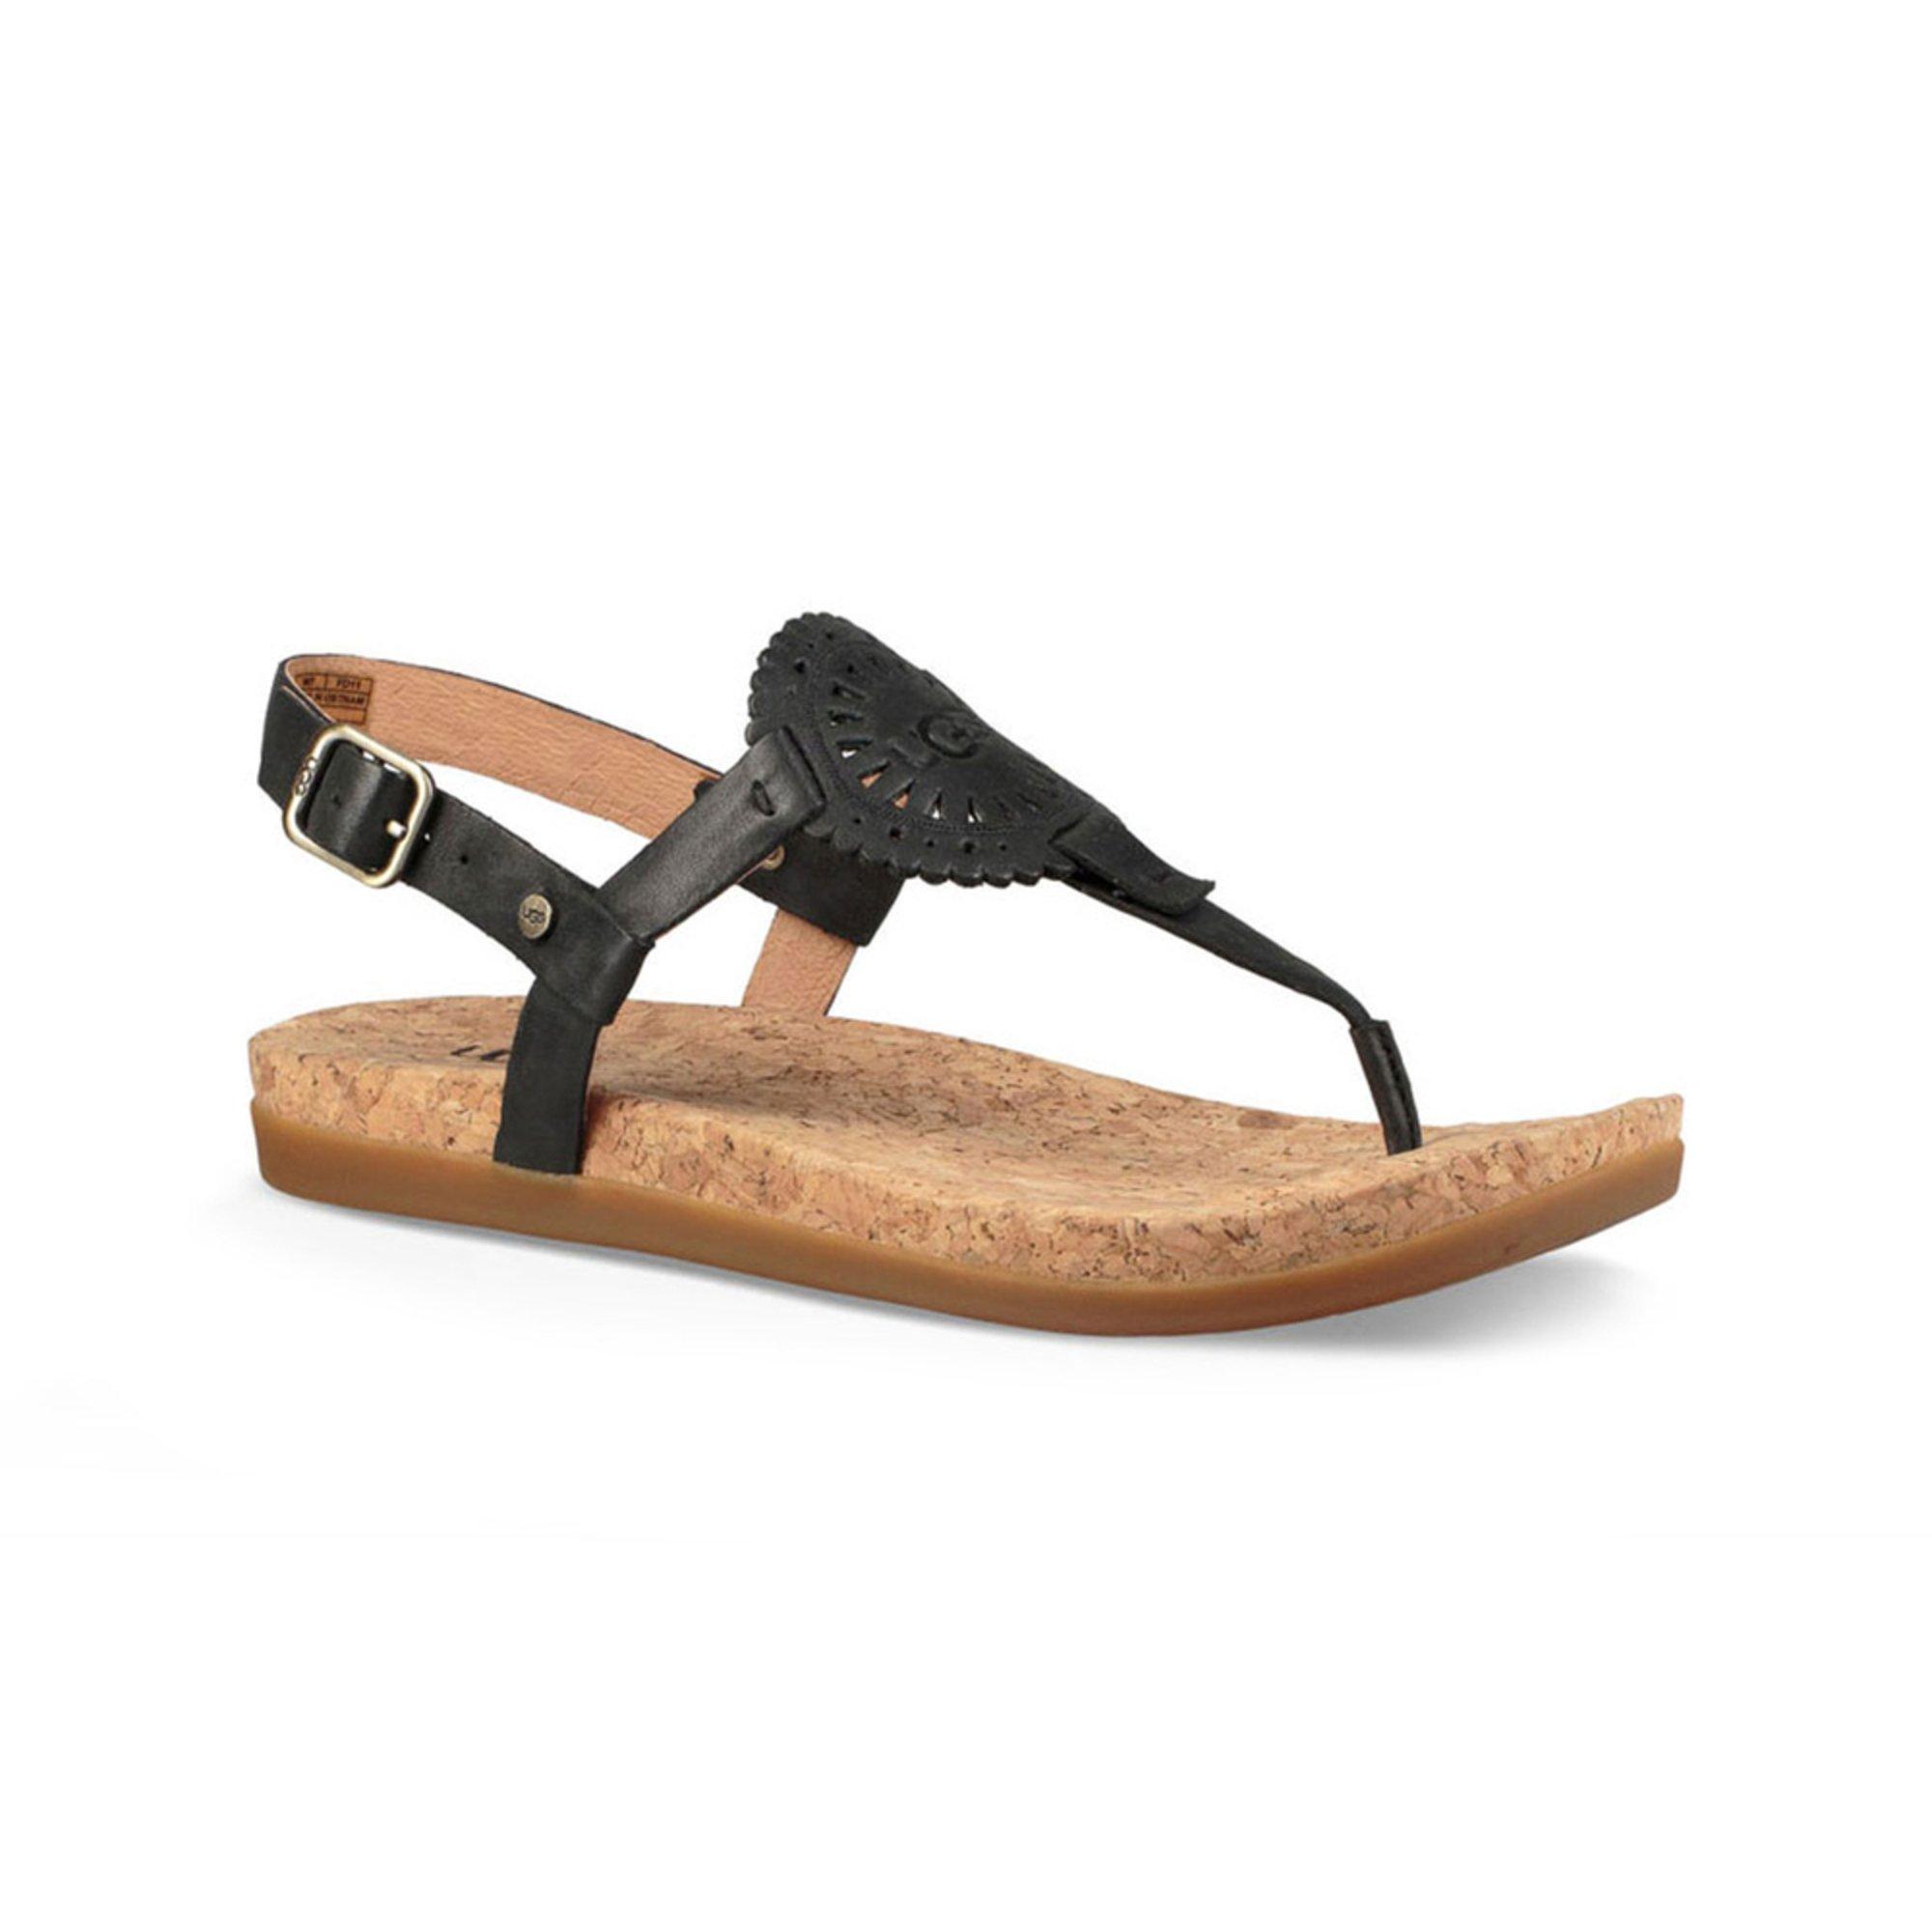 22a550cad45 Ugg Women's Ayden Ii Logo Thong Backstrap Sandal | Women's Sandals ...